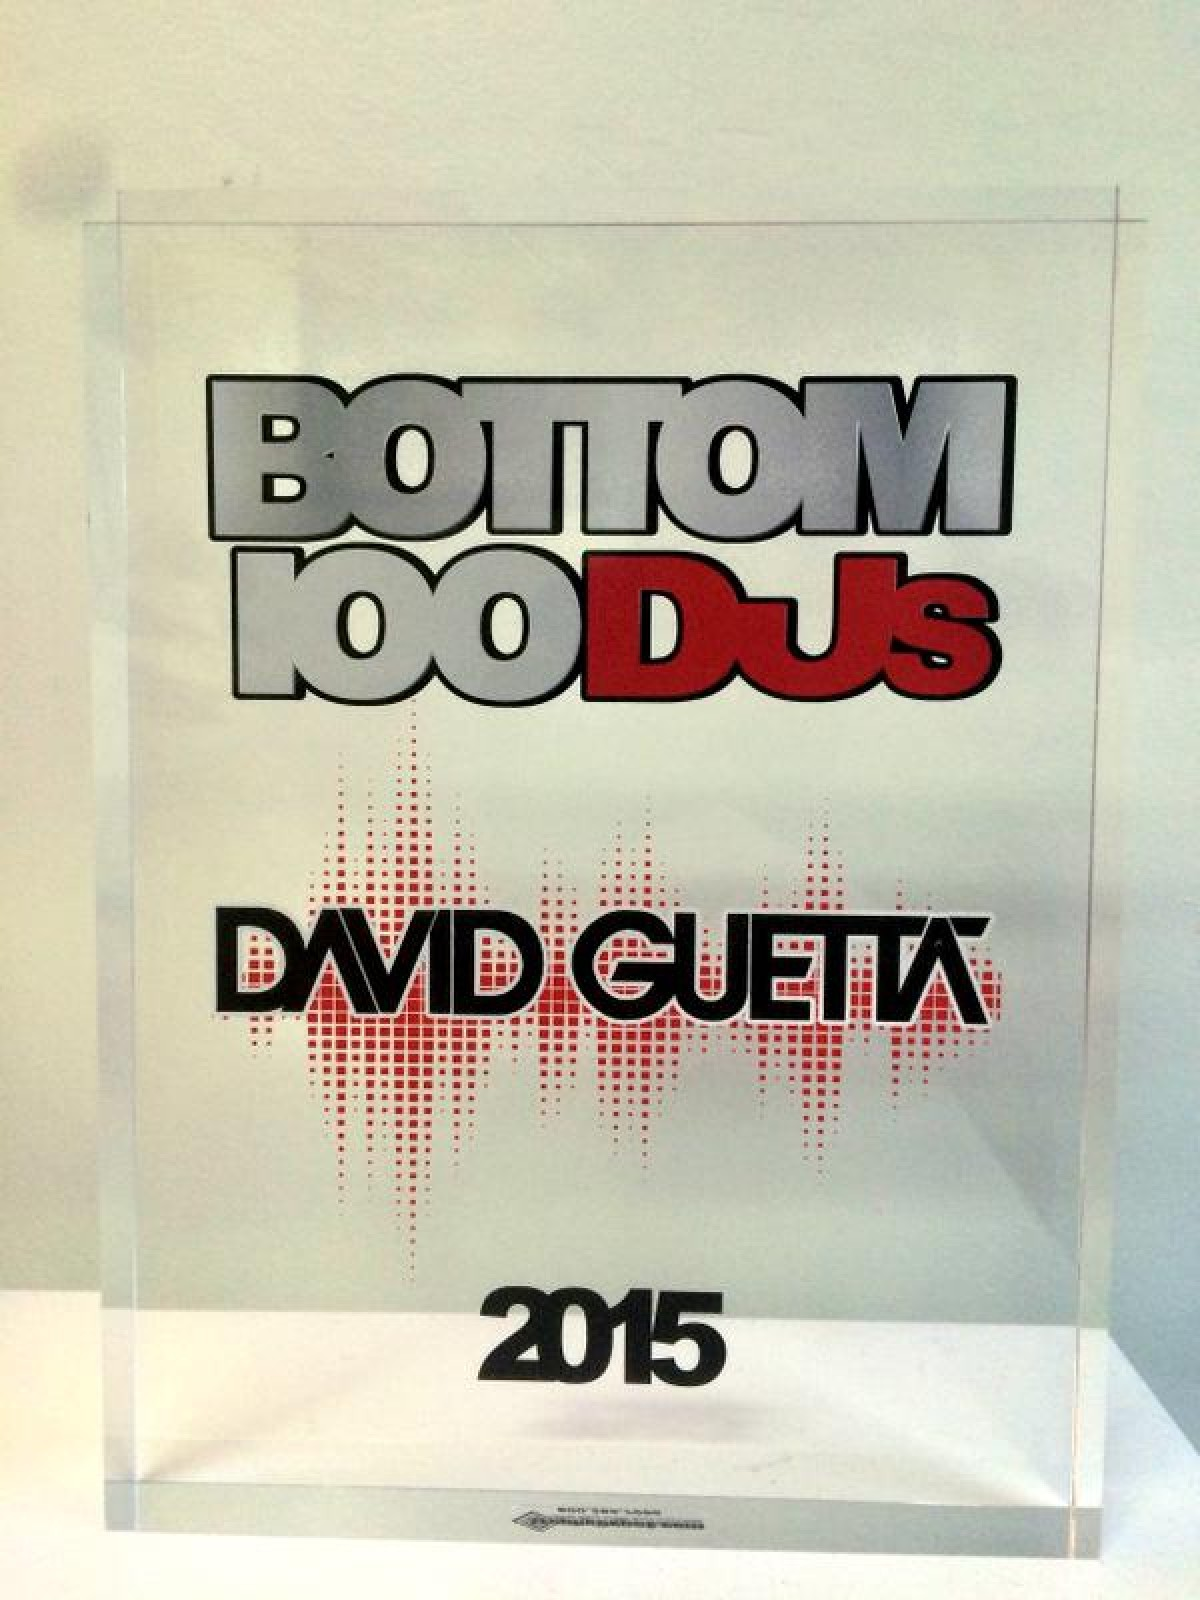 Hicieron una lista de los peores DJ's y David Guetta la encabeza